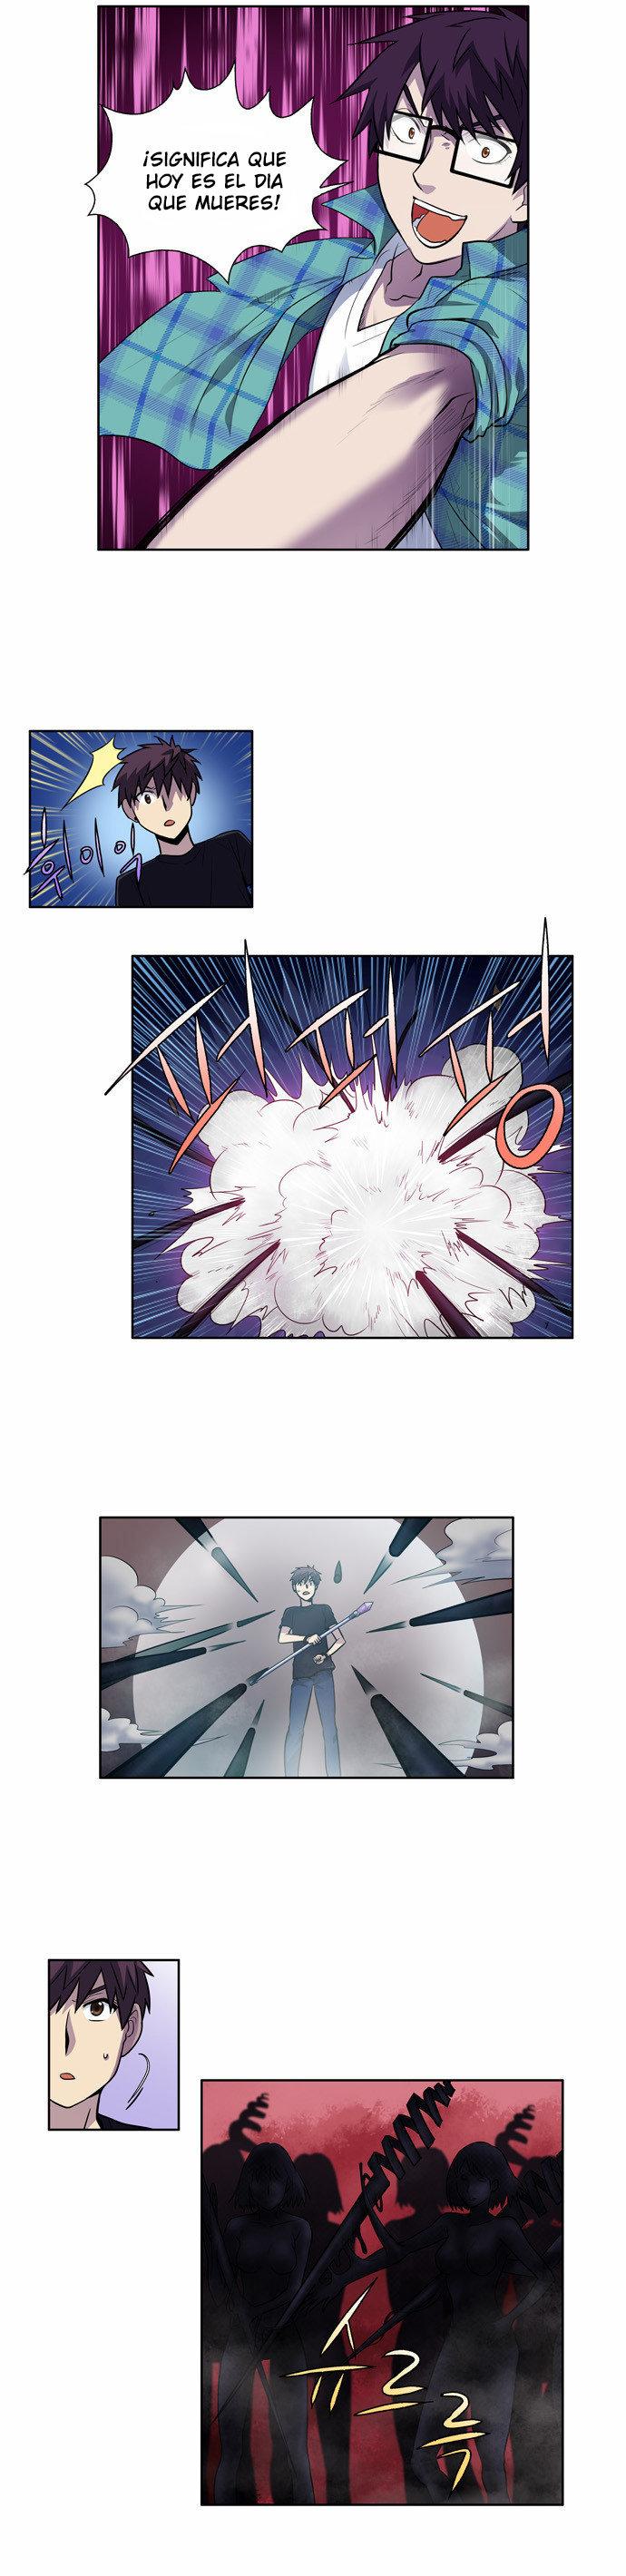 https://c5.ninemanga.com/es_manga/61/1725/439979/bf8e075b9ff4350caeedced1dcd9a251.jpg Page 5